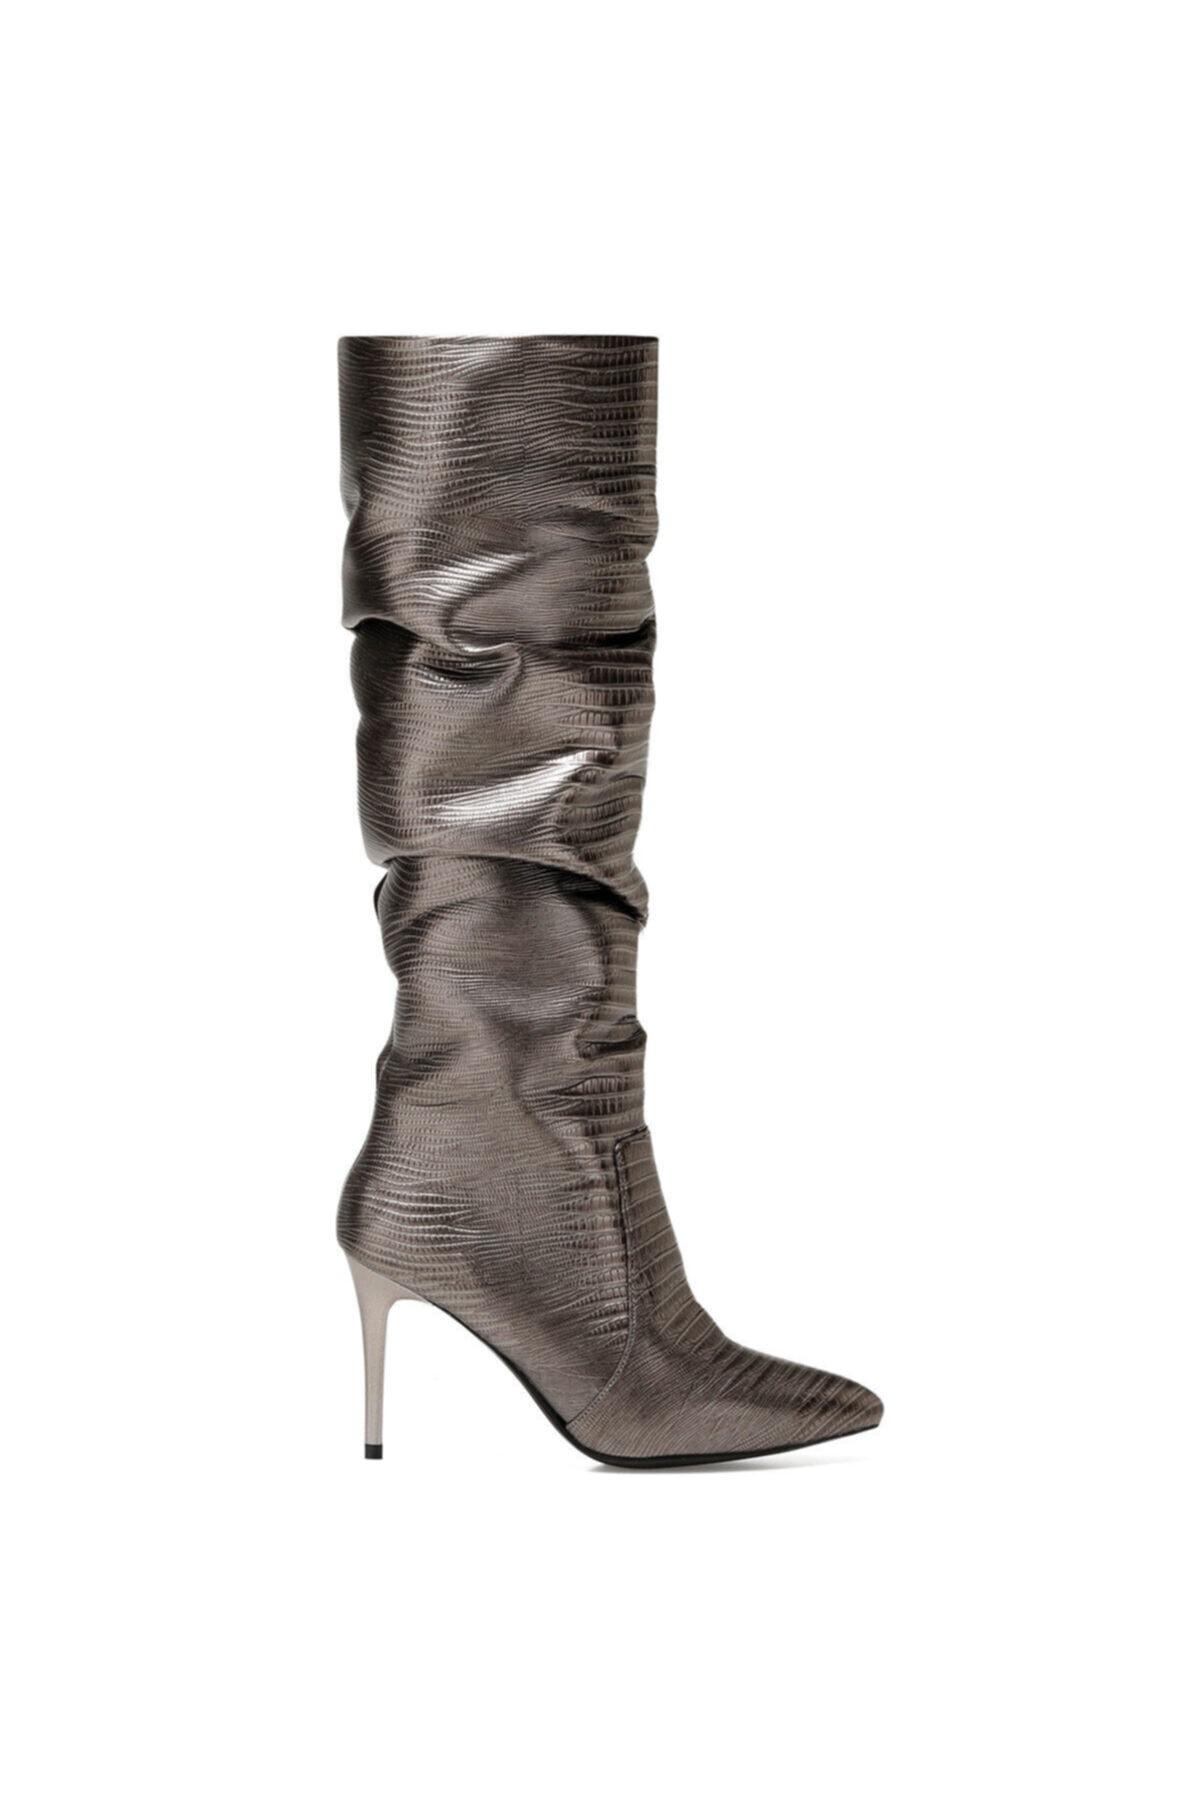 Nine West Sısso2 Antrasit Kadın Ökçeli Çizme 1